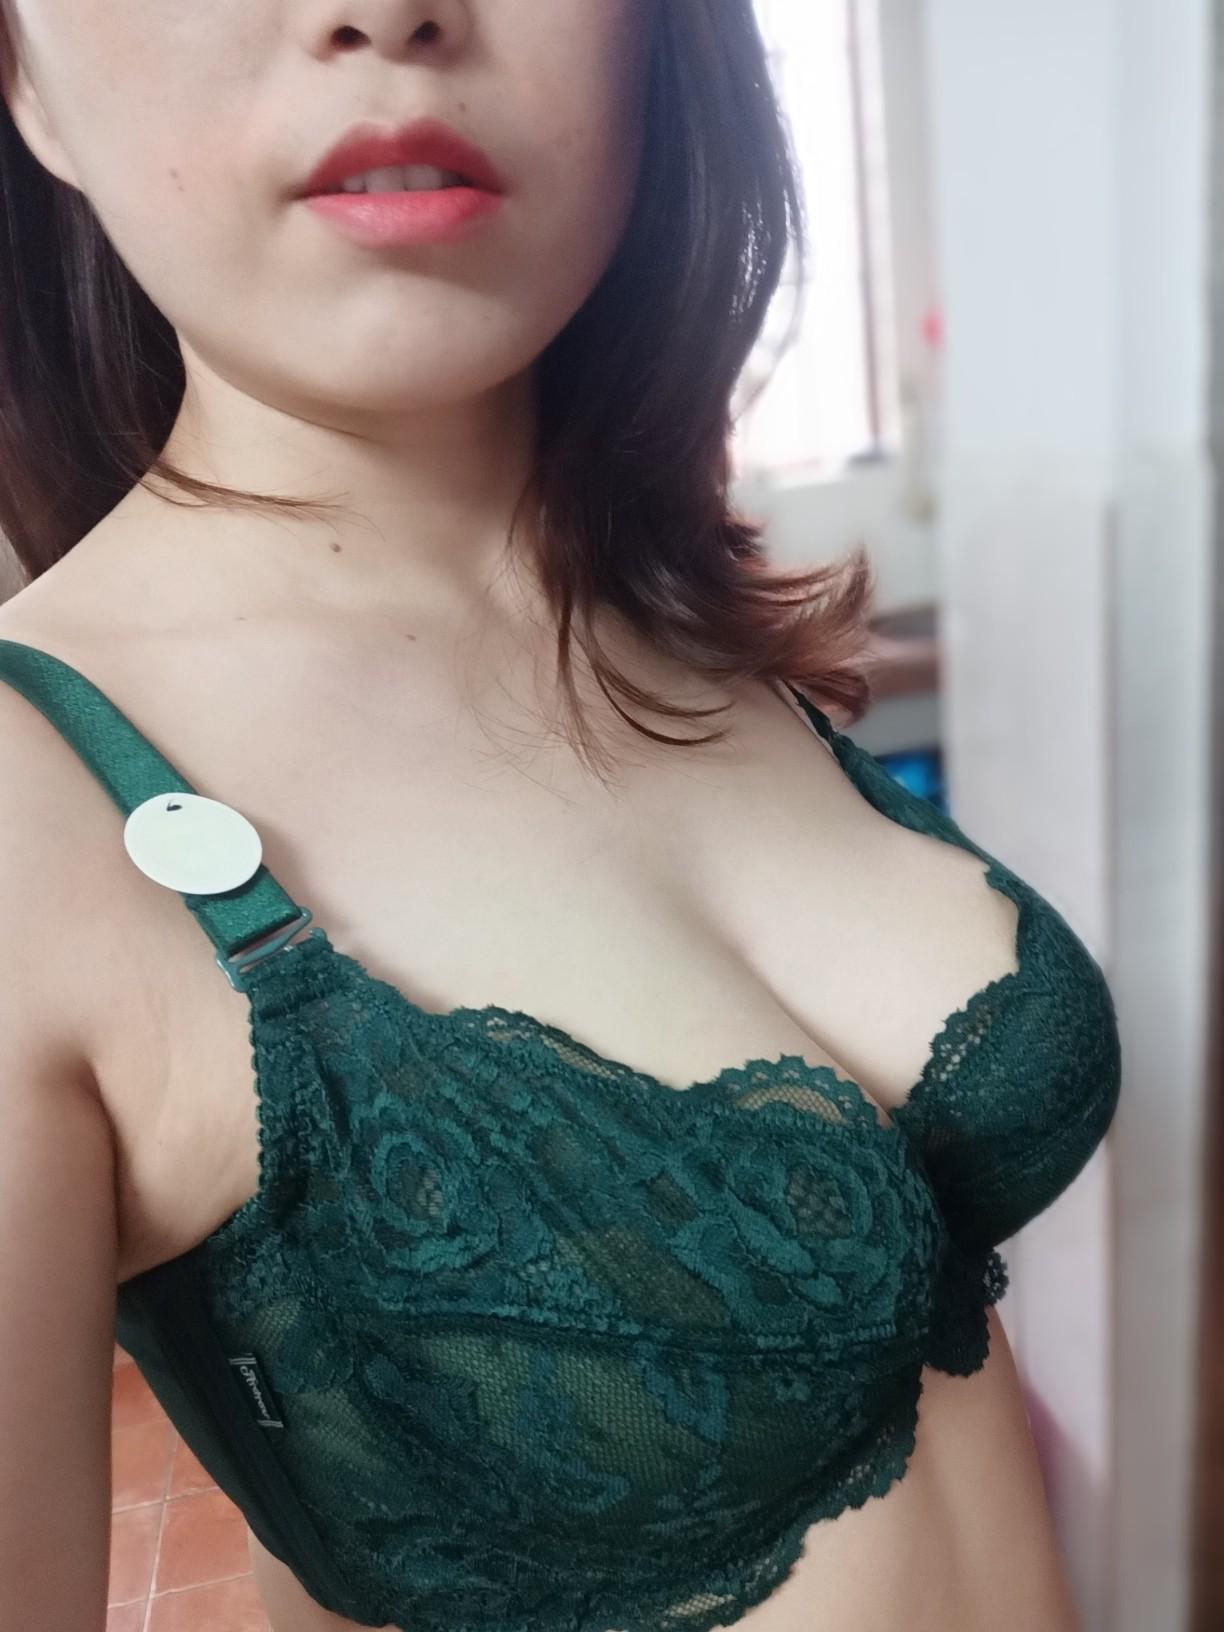 怡倩夏季调整型收副乳大胸显小胸罩买家秀图片